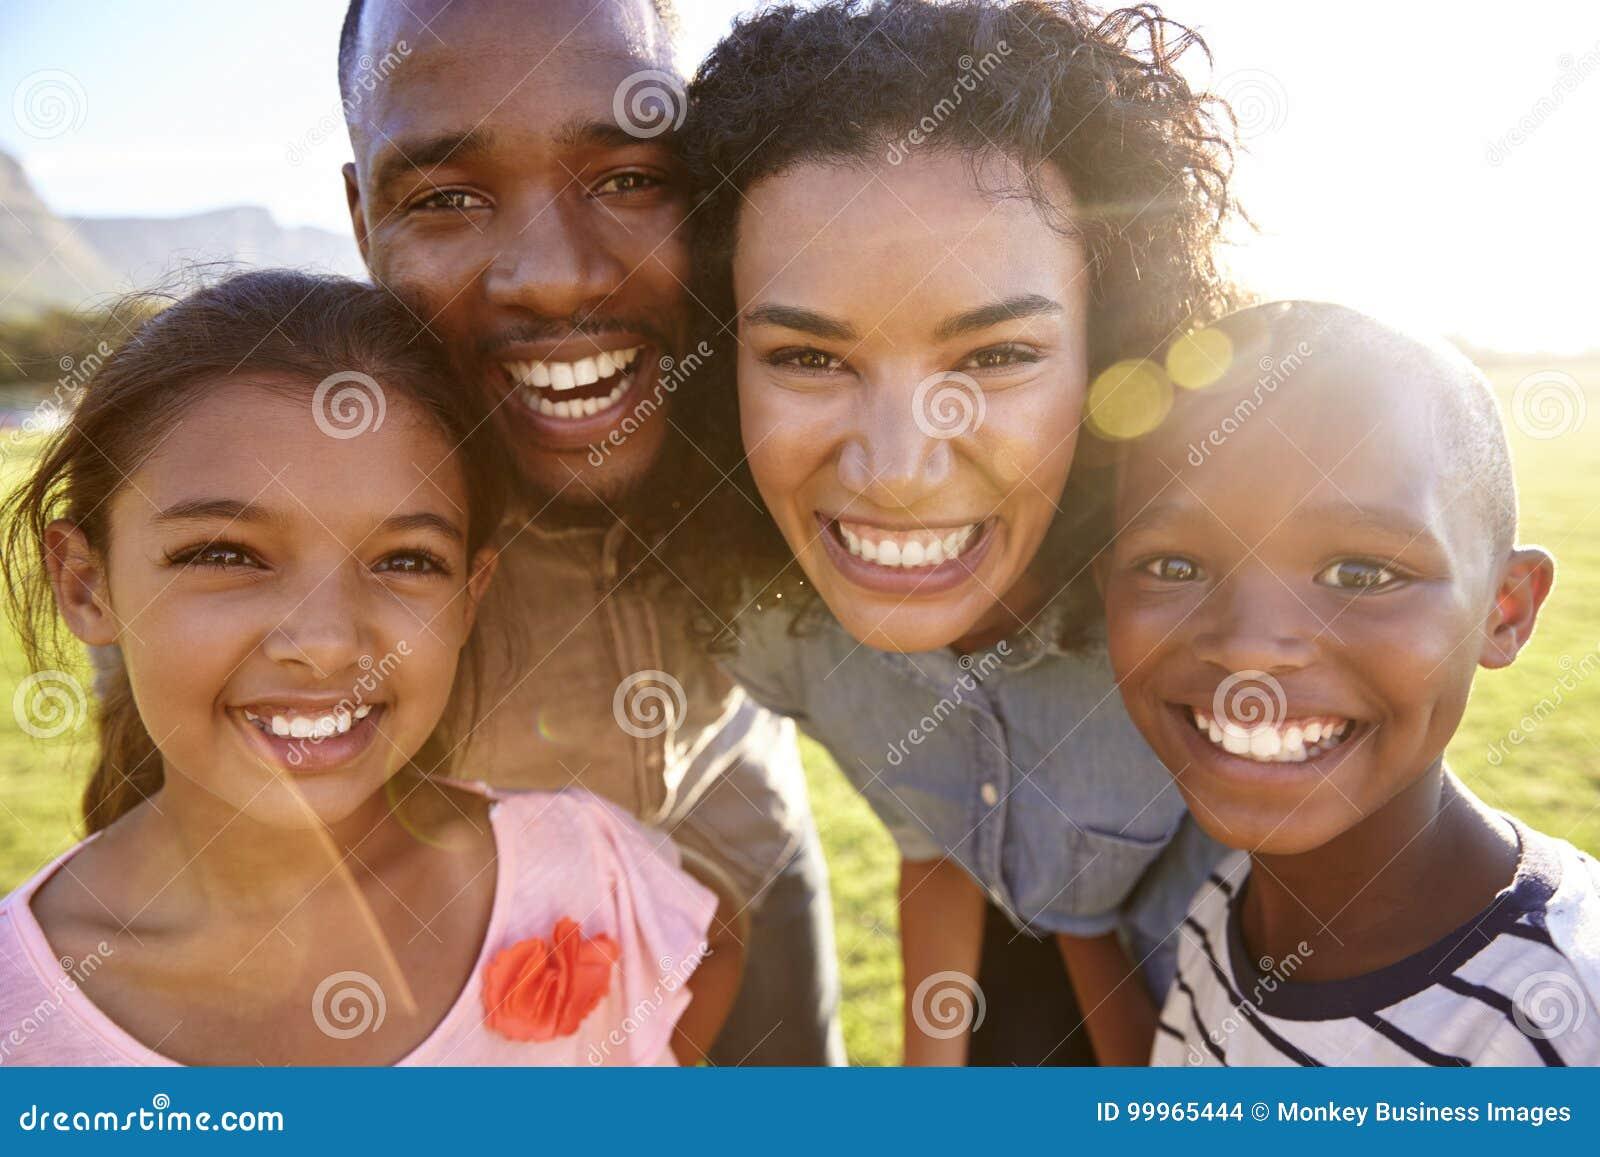 Schwarze Familie draußen lachen, nah oben, hintergrundbeleuchtetes Porträt